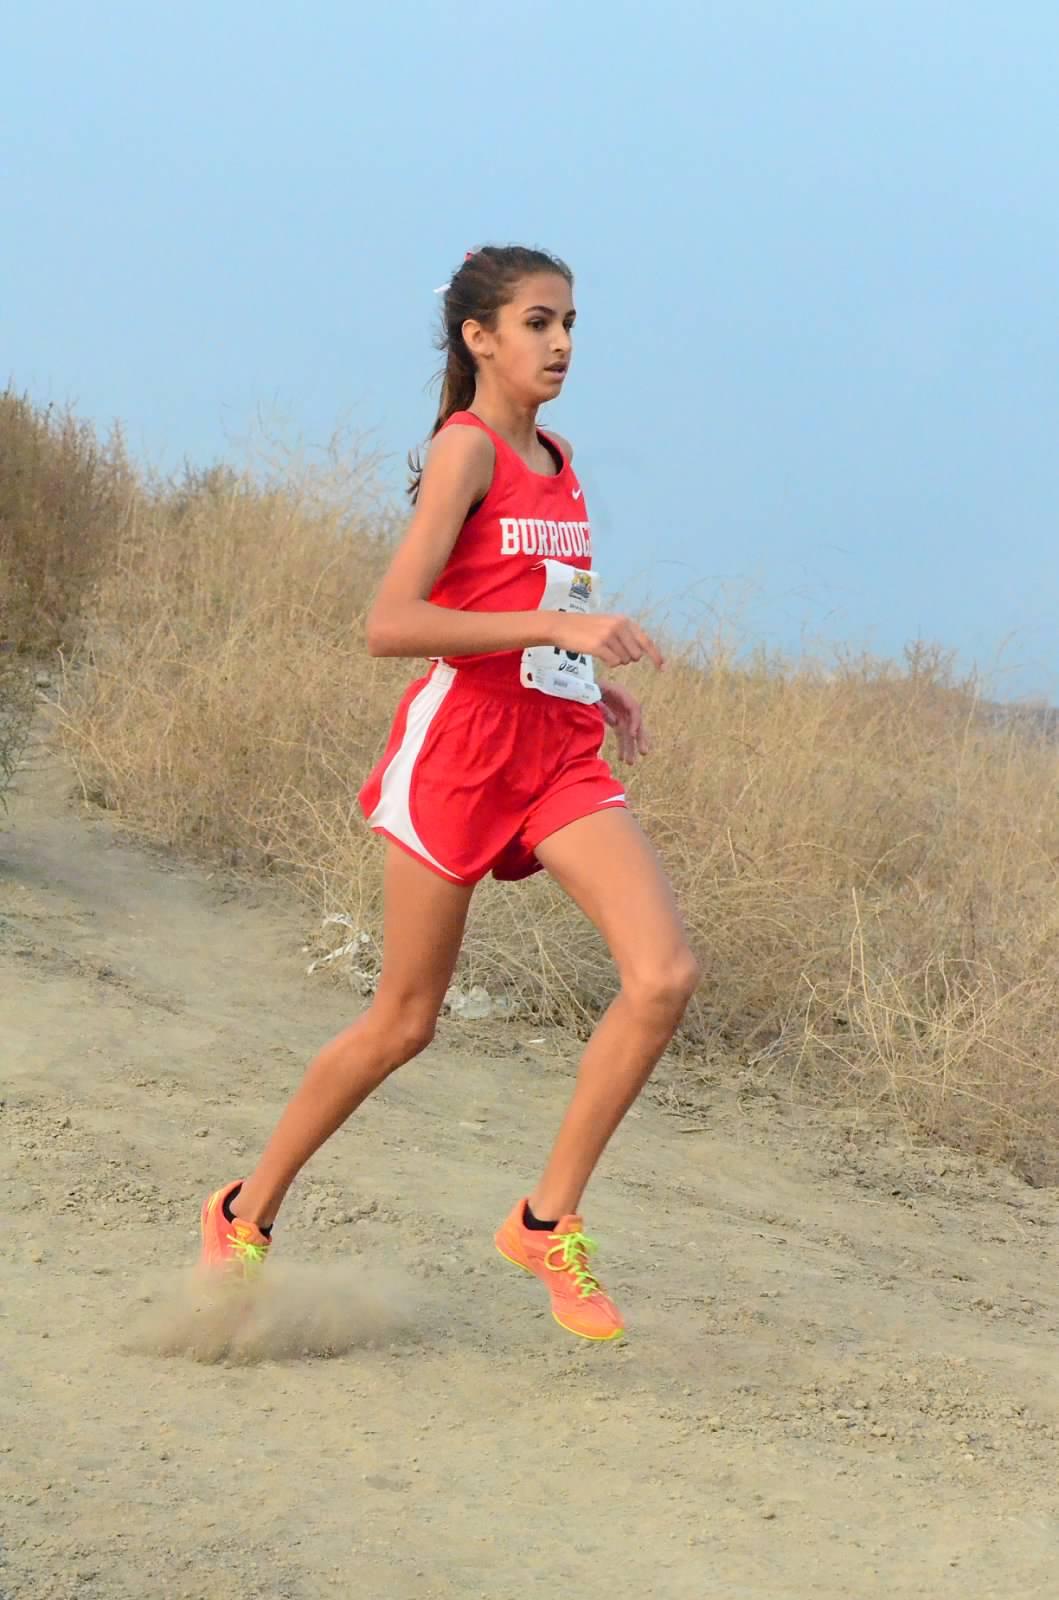 John Burroughs High School's Emily Virtue runs a cross-country terrain course. (Photo Courtesy of Oscar Eligio)